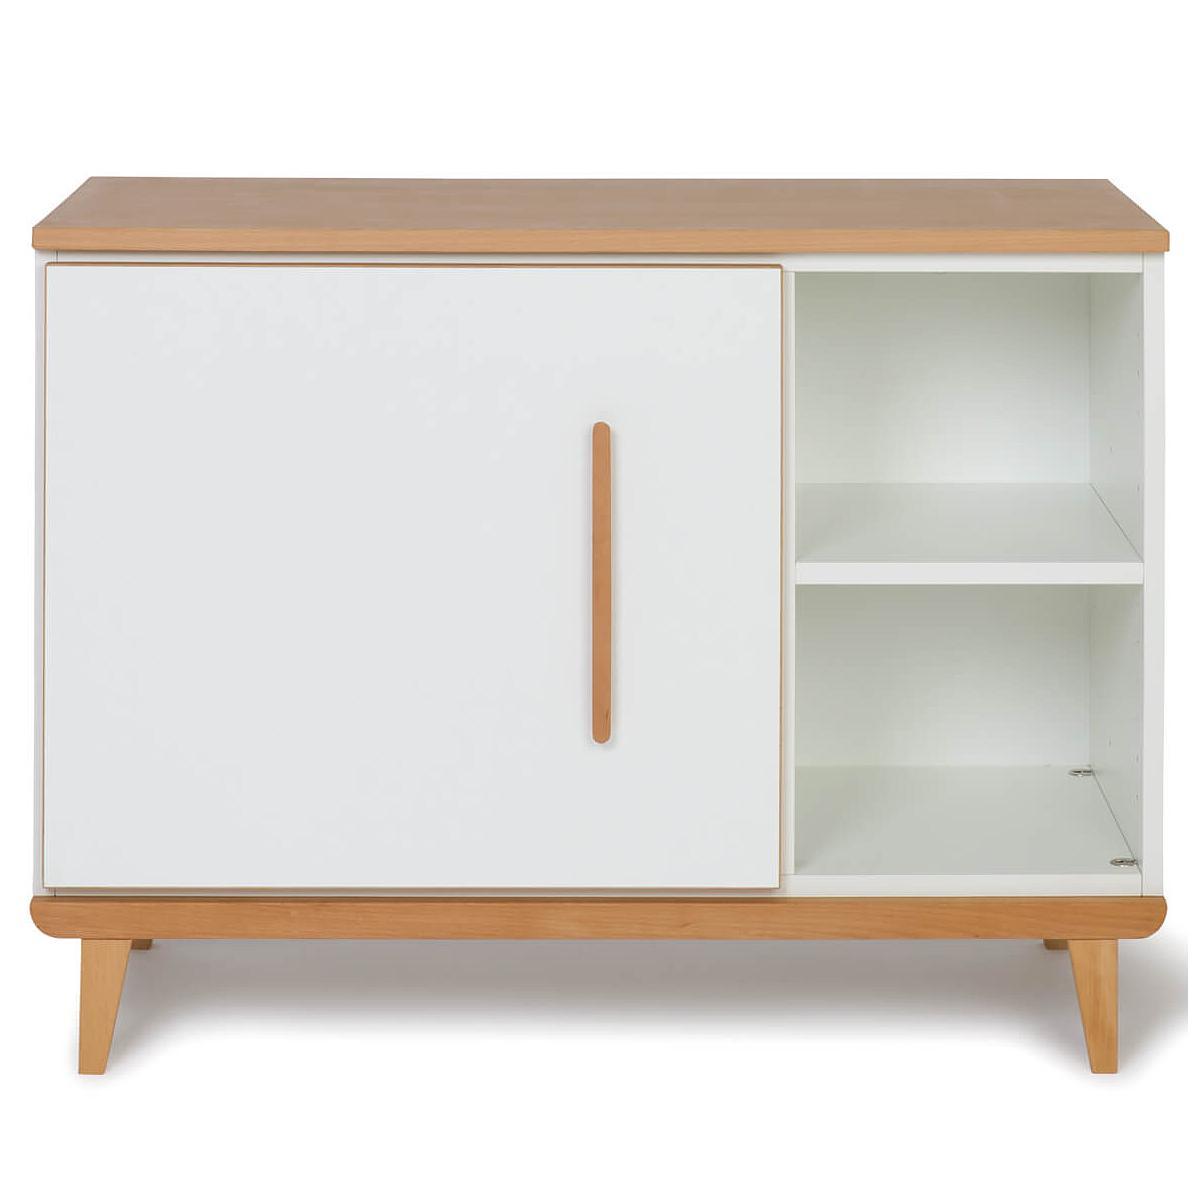 Wookids - Petit meuble 1 porte NADO white